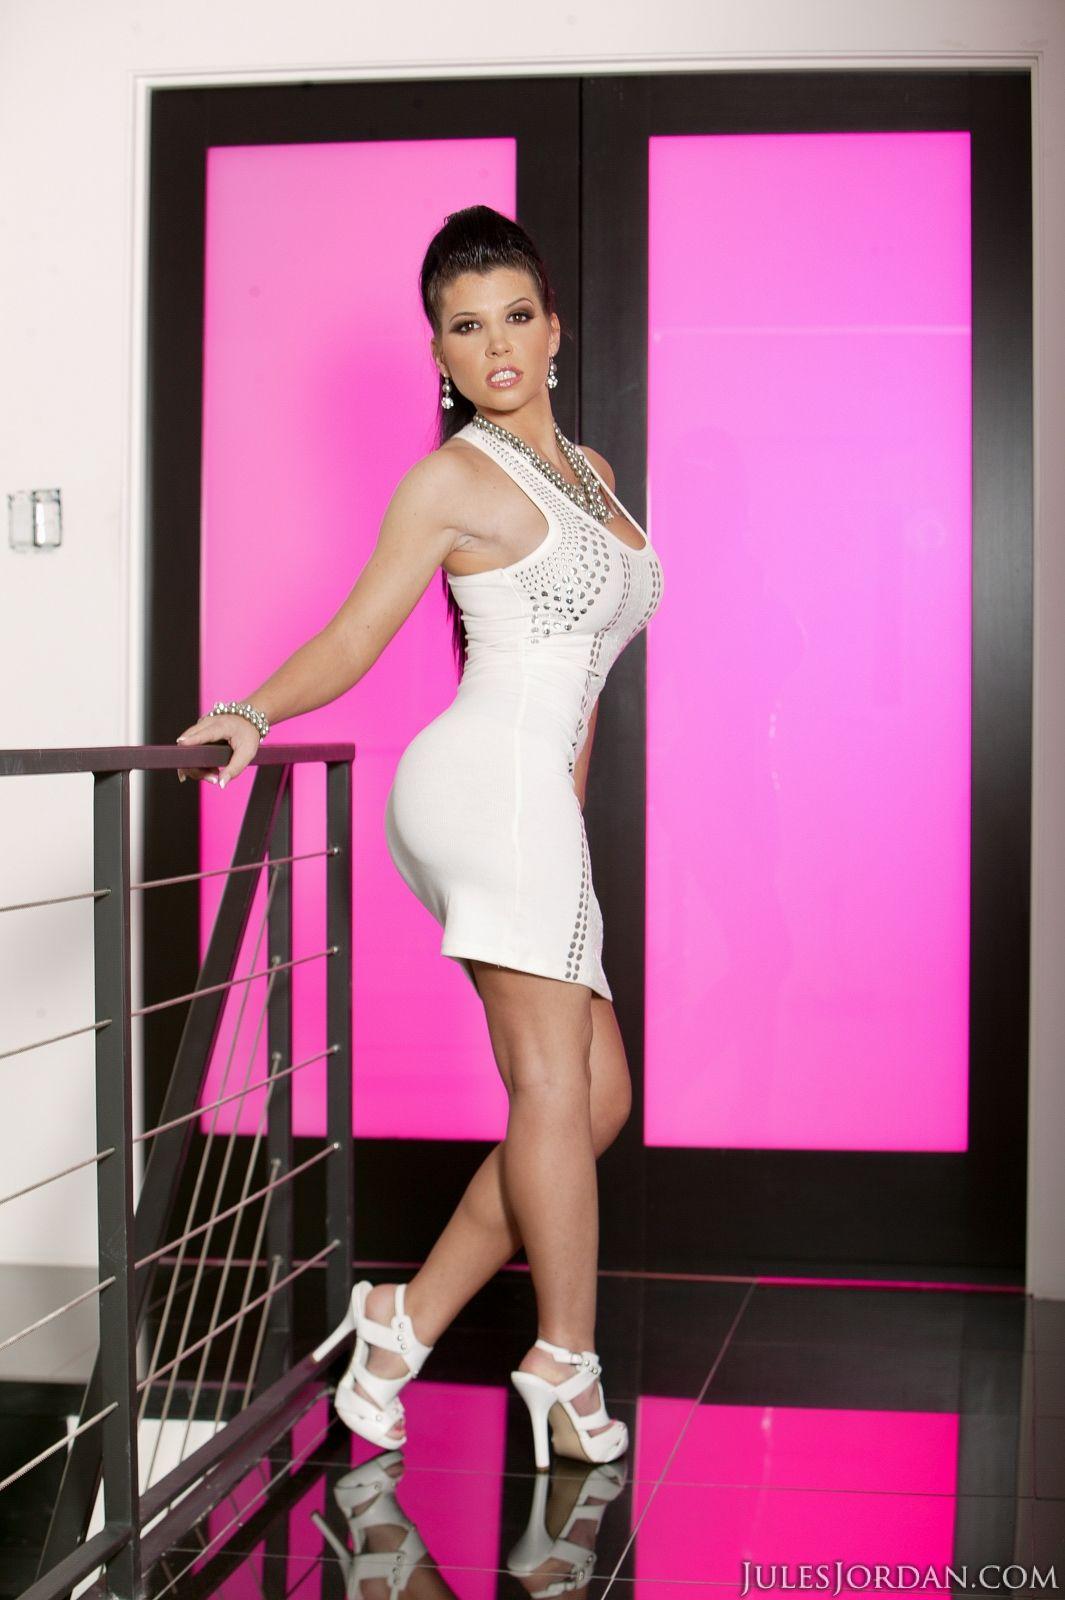 Rebecca Linares Dp Here Pstarsnews Com Rebeca Linares